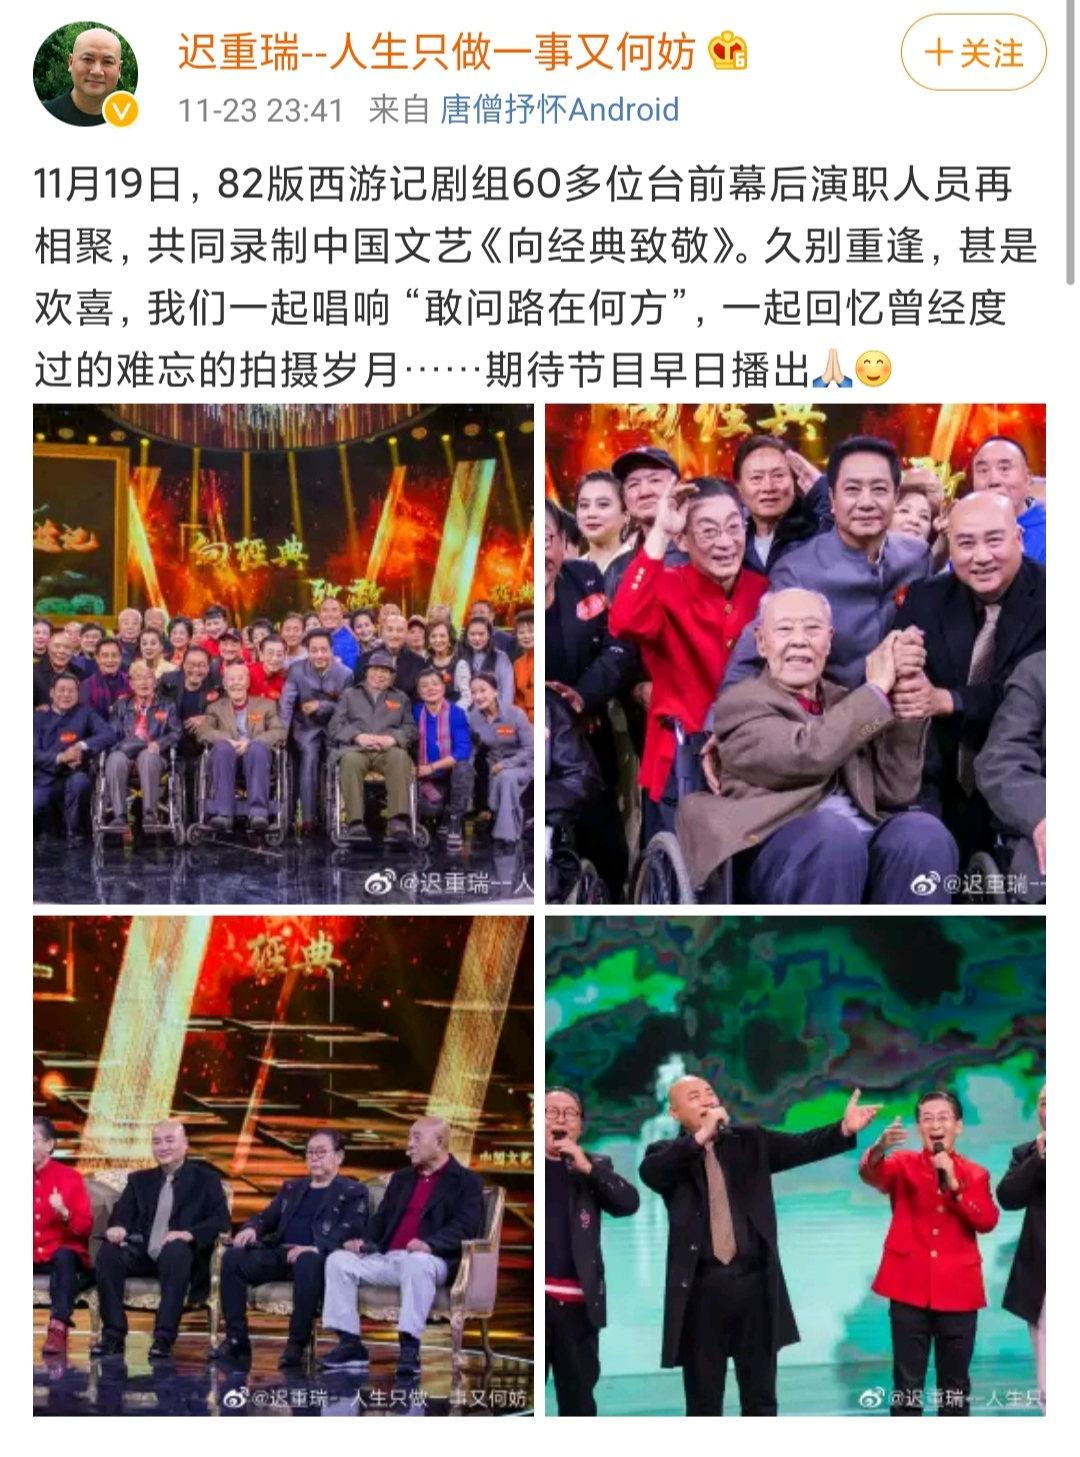 迟重瑞晒《西游记》剧组成员聚首照,师徒四人再合体让人感动_经典